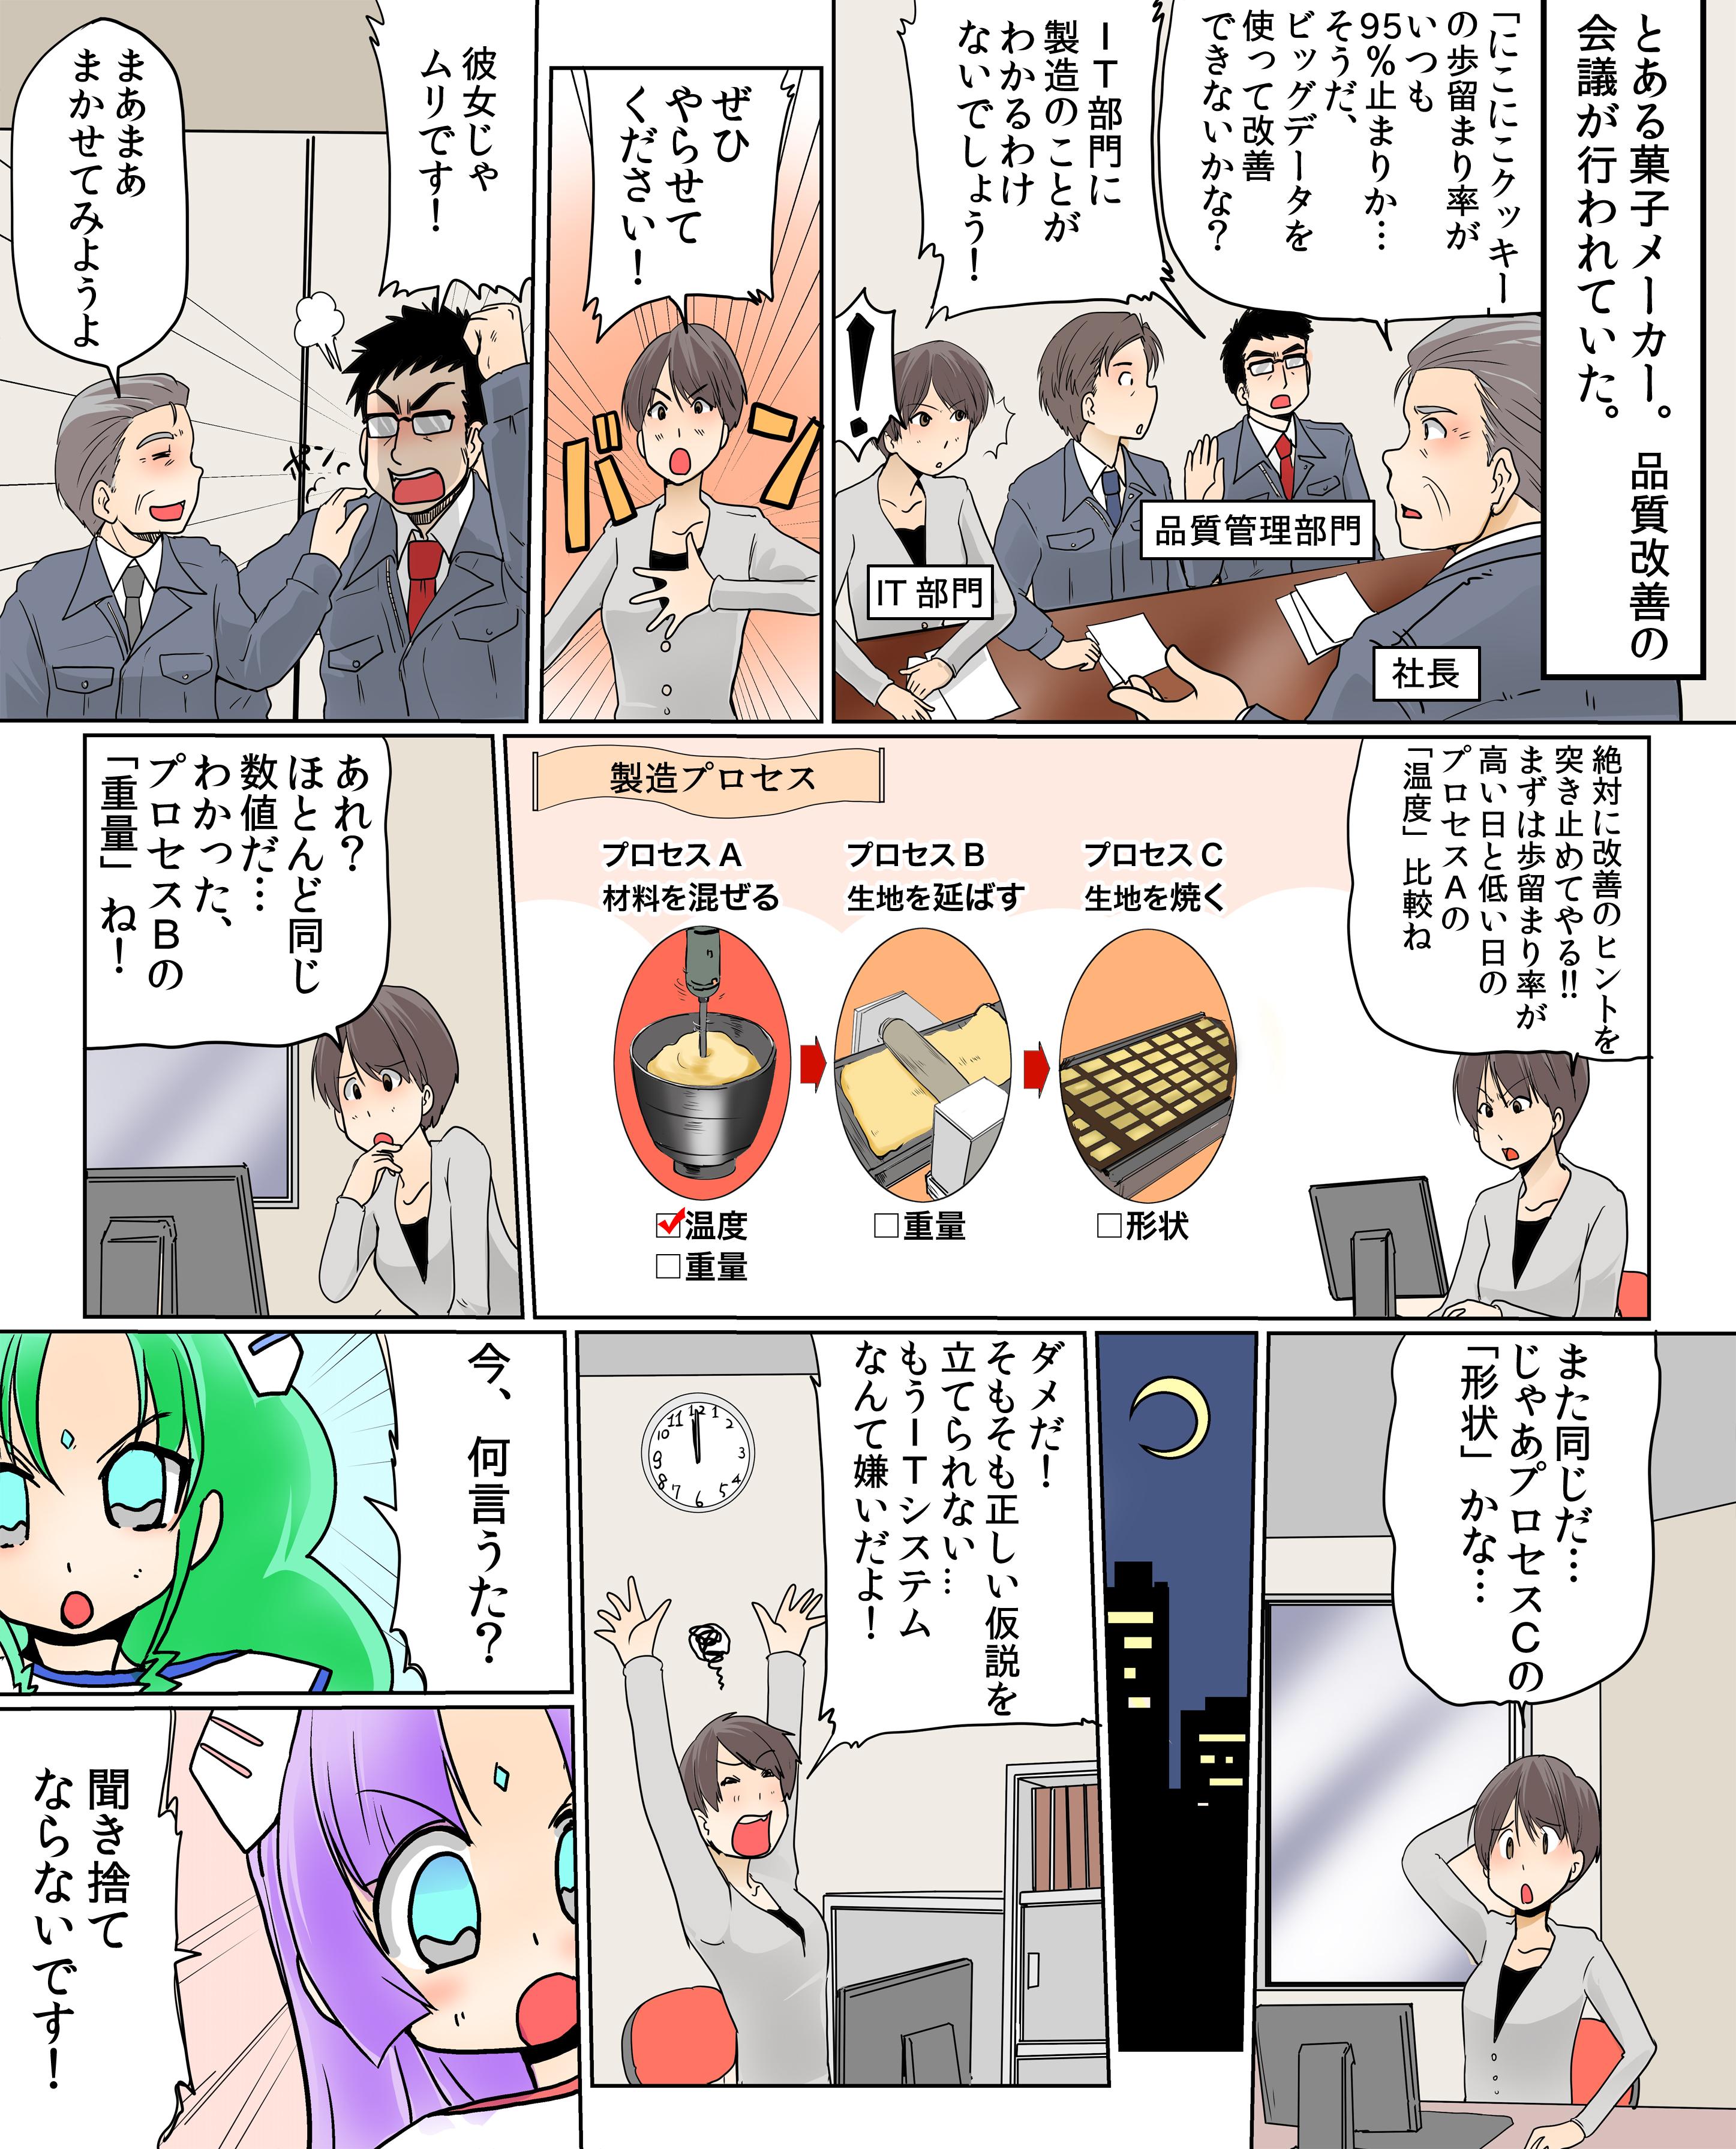 第24話 『仮説を導き出すAI』[画像1]